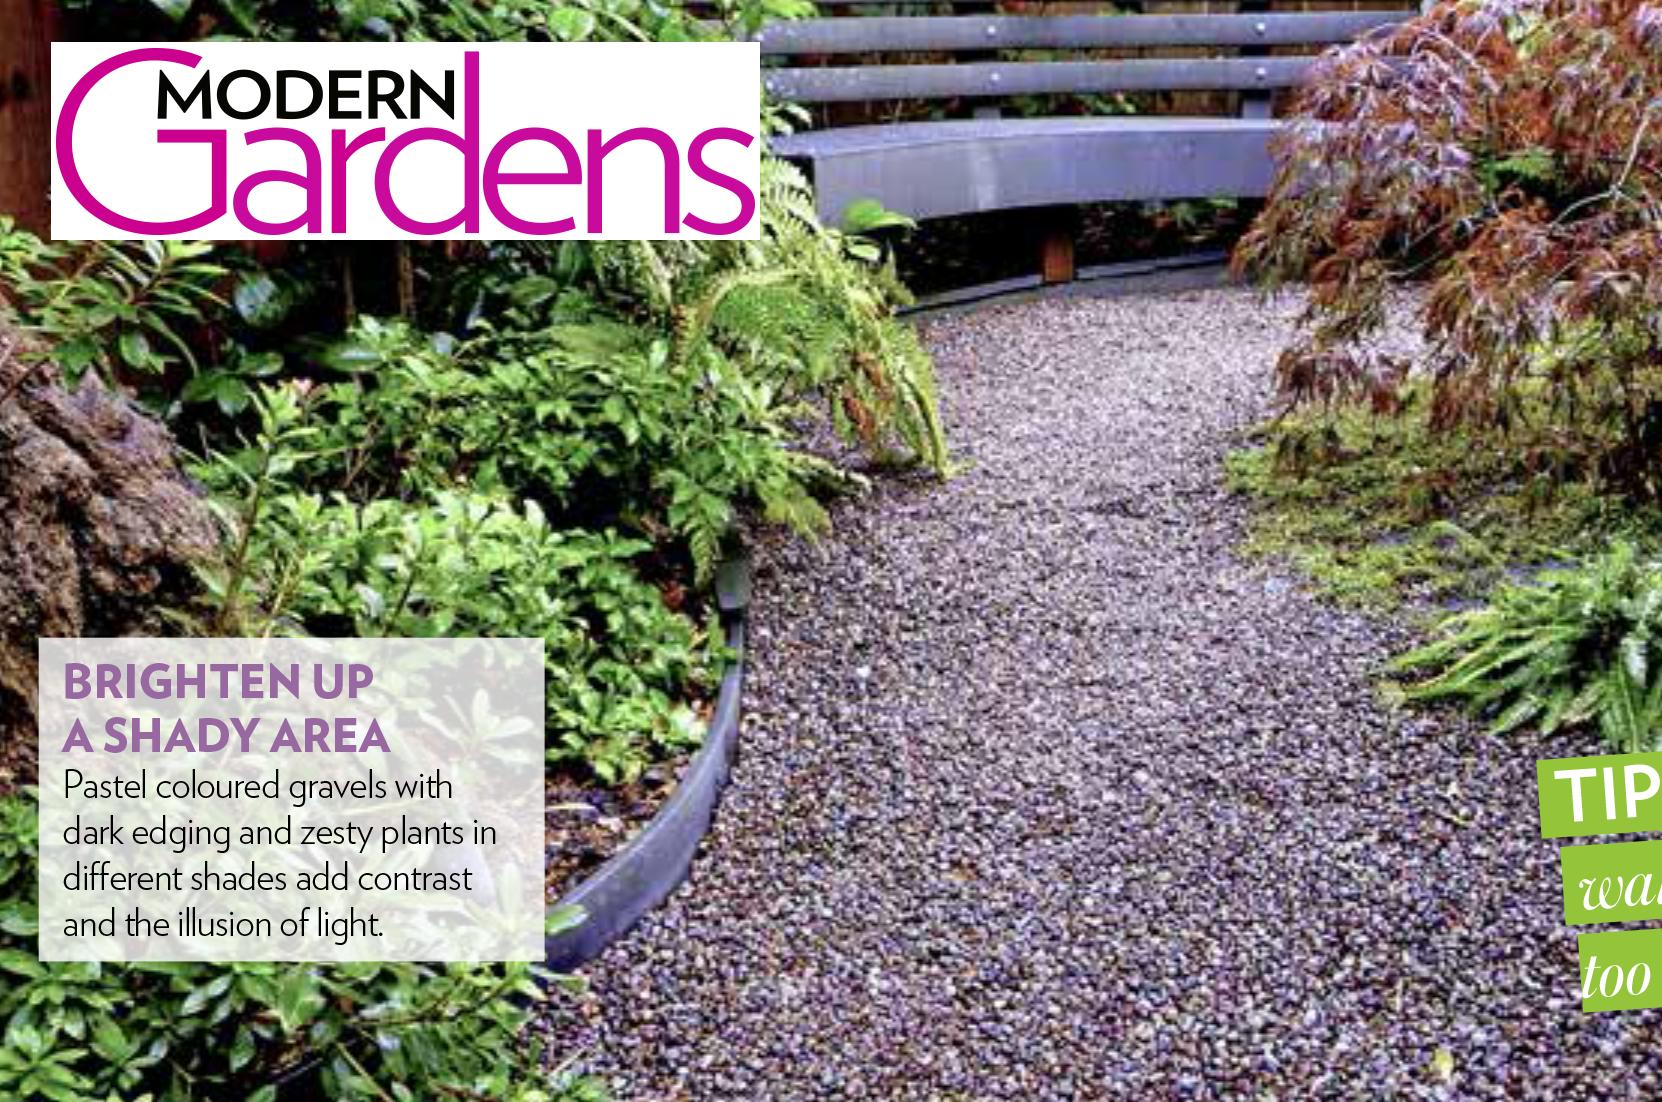 Modern Gardens Magazine